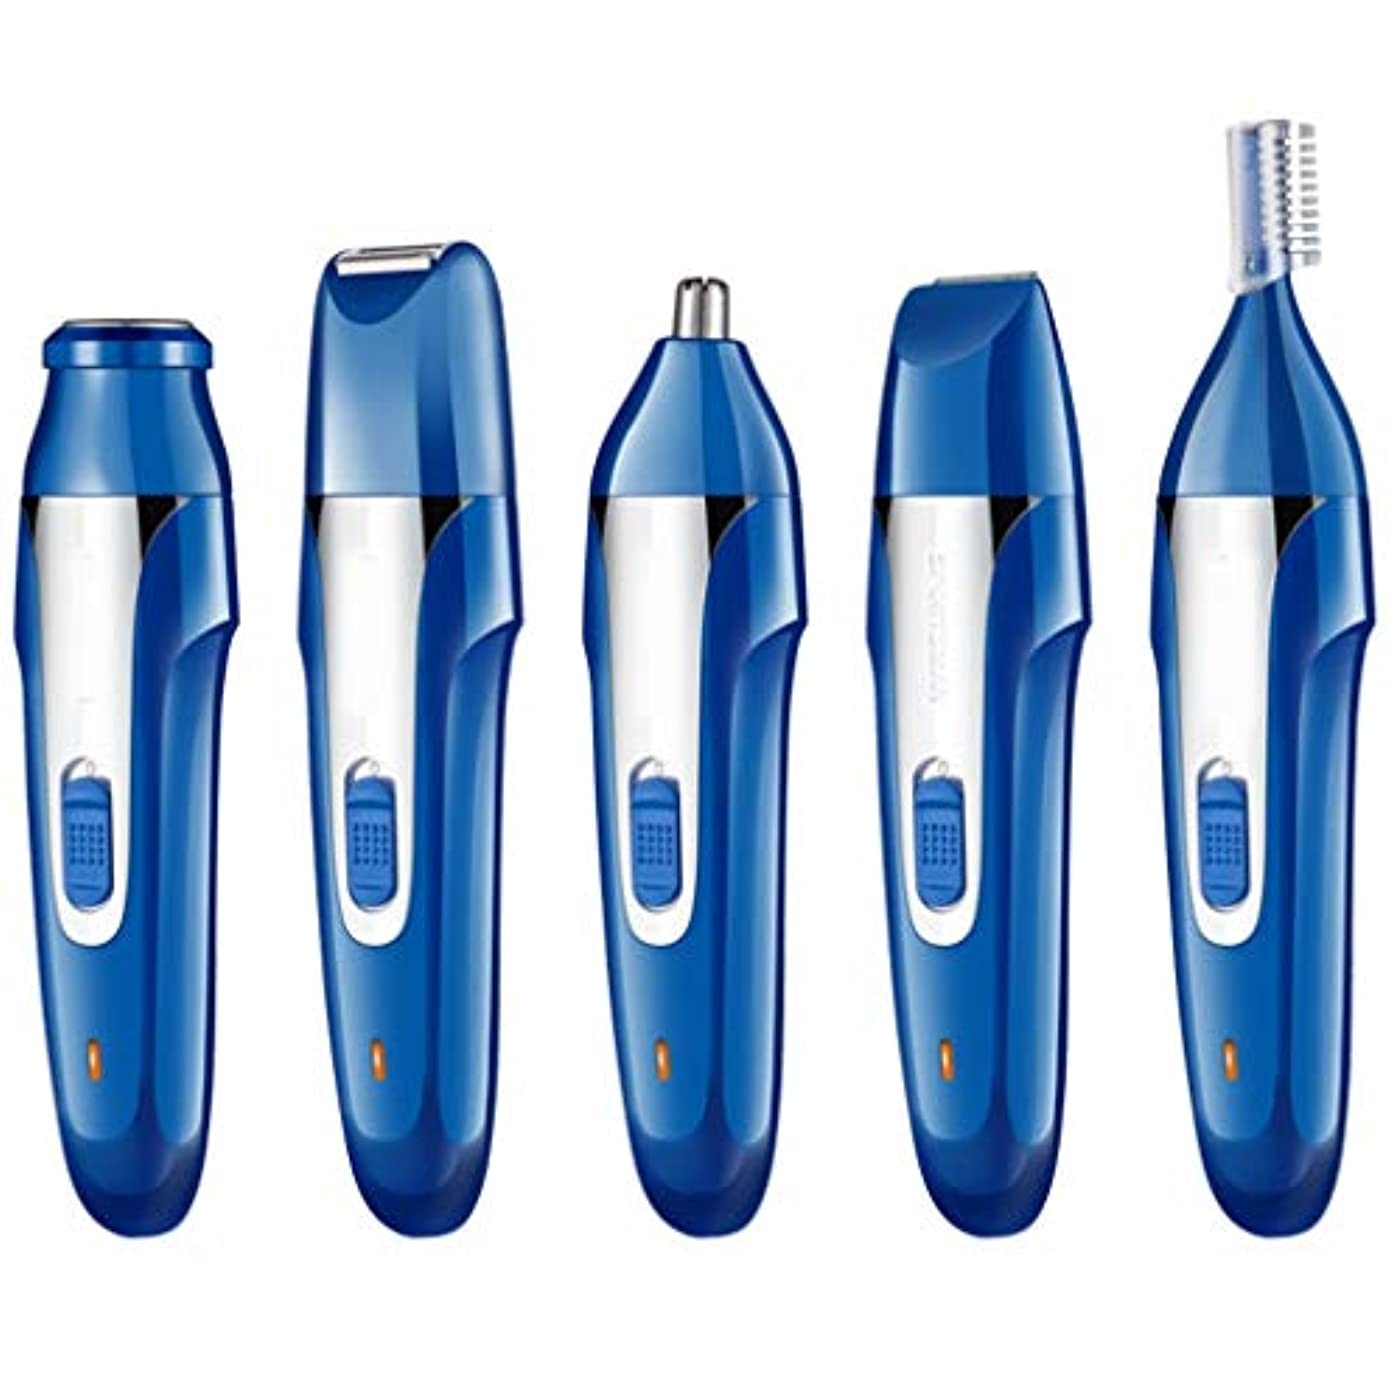 破壊的引き受ける差別化する5 1電動除毛器、女性用剃刀、鼻毛トリマー、眉毛ナイフ、ビキニライン、腕、脚、顔のボディー (色 : C)